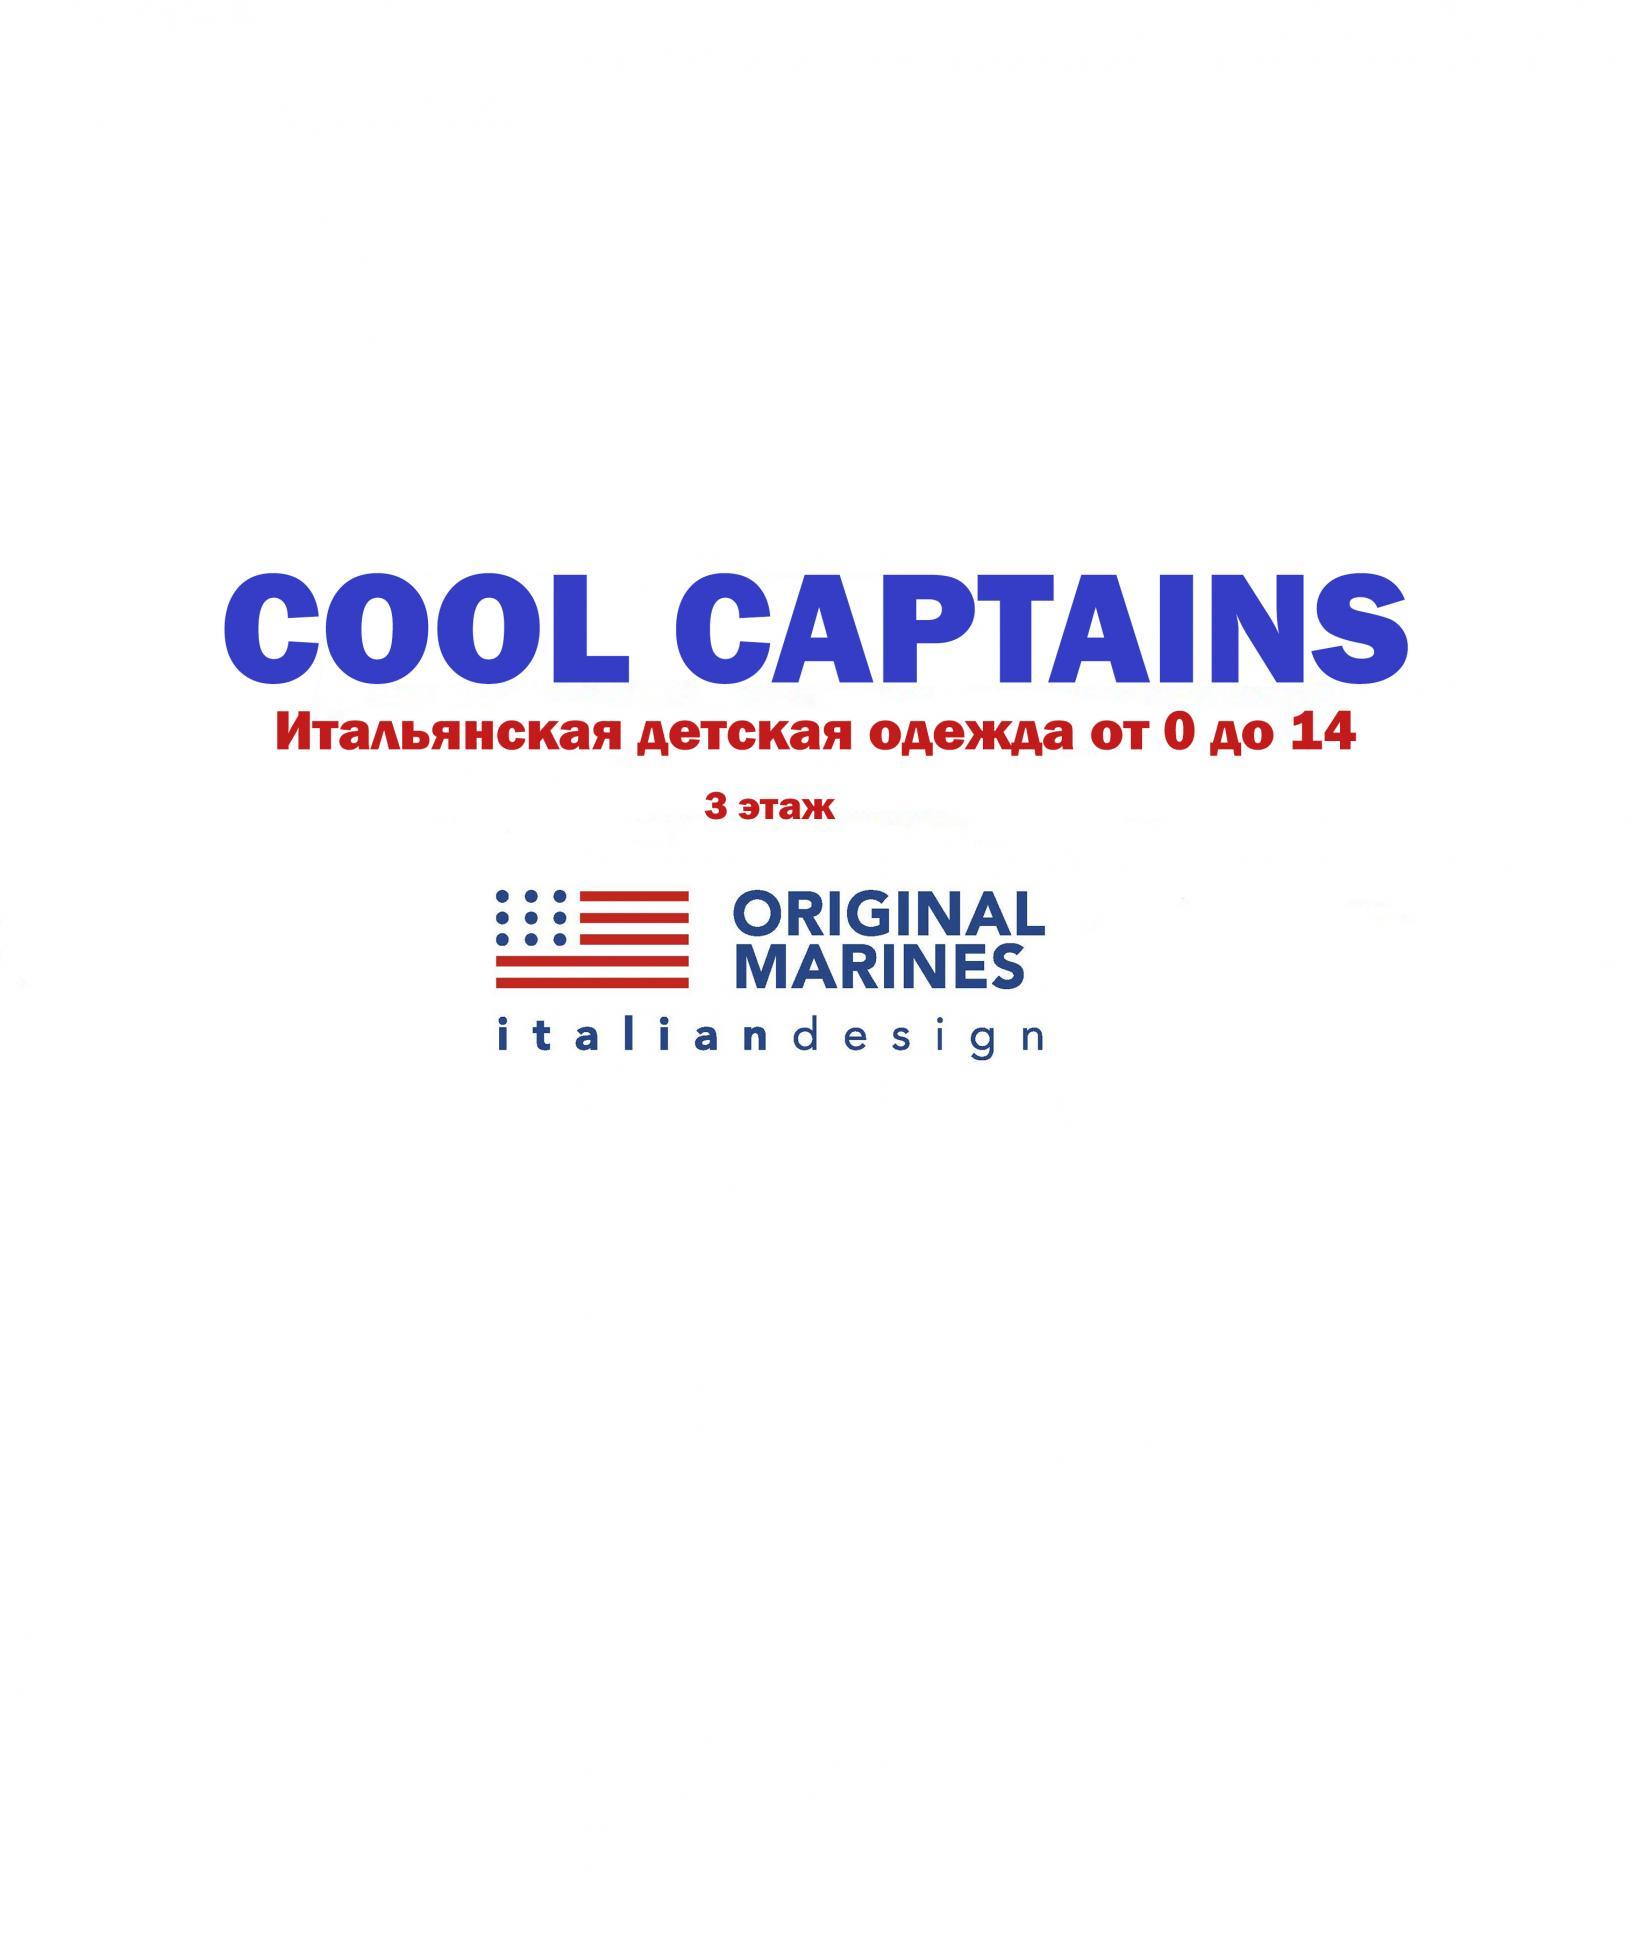 COOL CAPTAINS